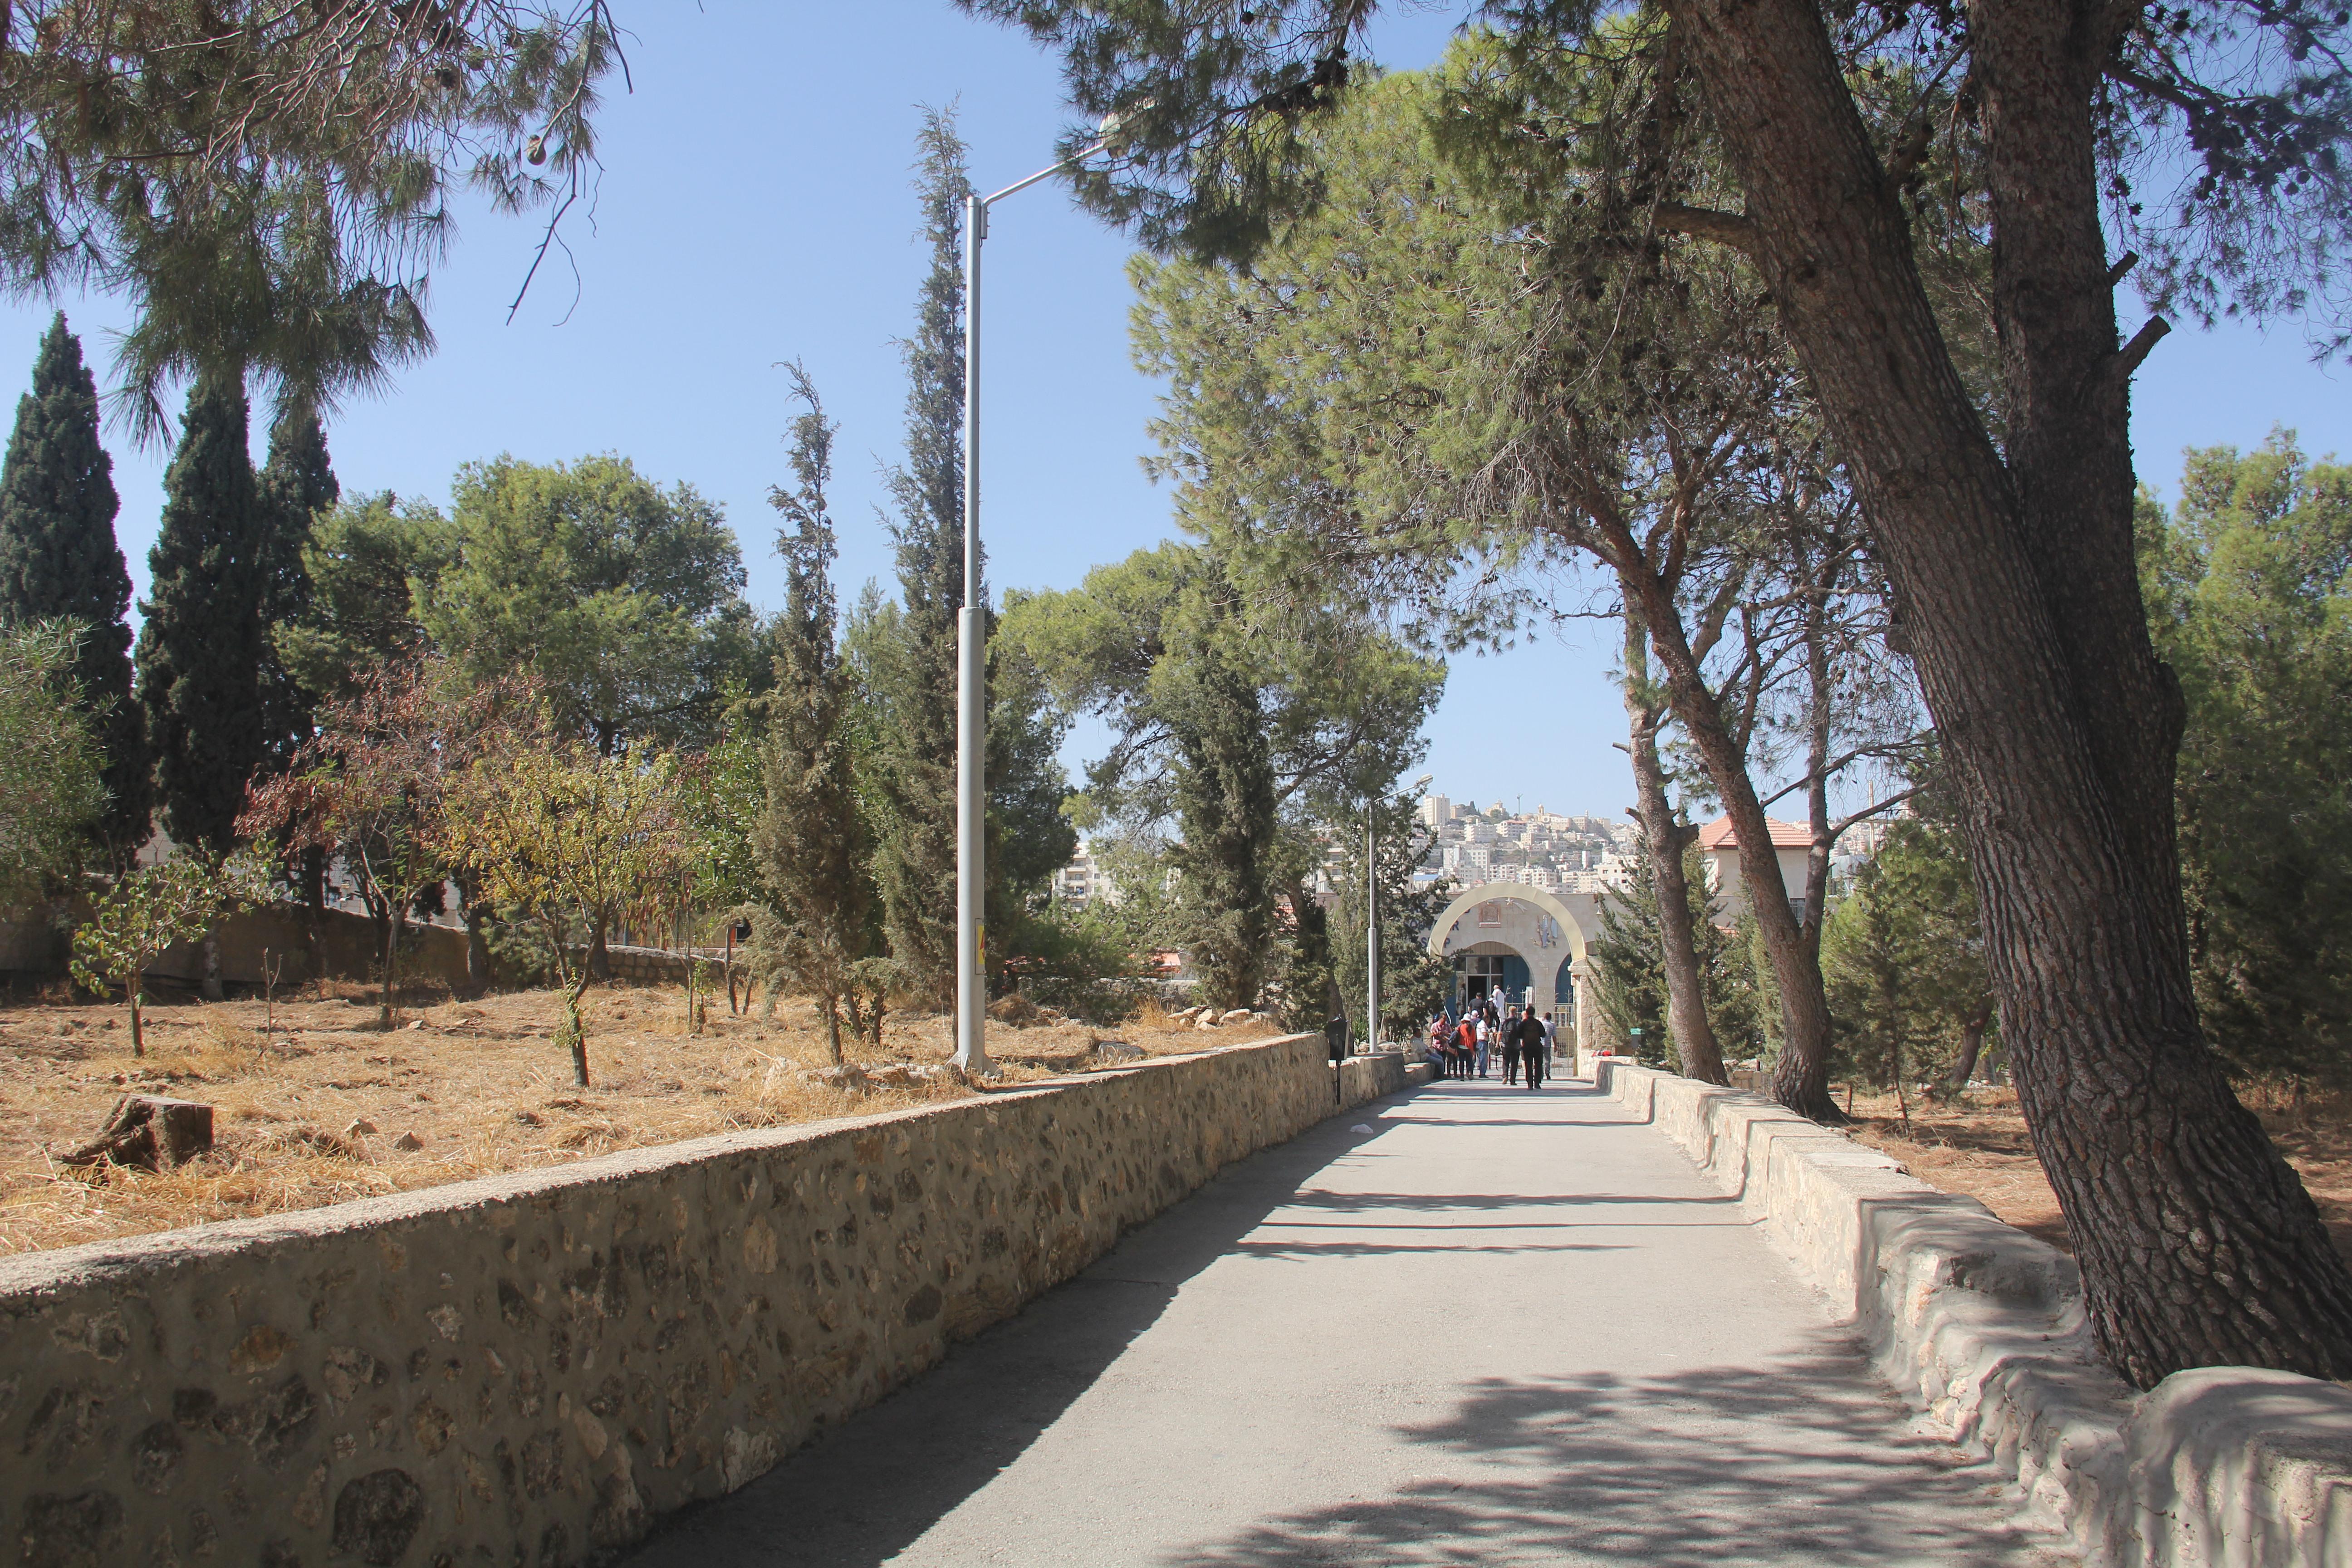 【伯利恆曠野】這是天使向牧羊人報彌賽亞降生喜訊的地方004